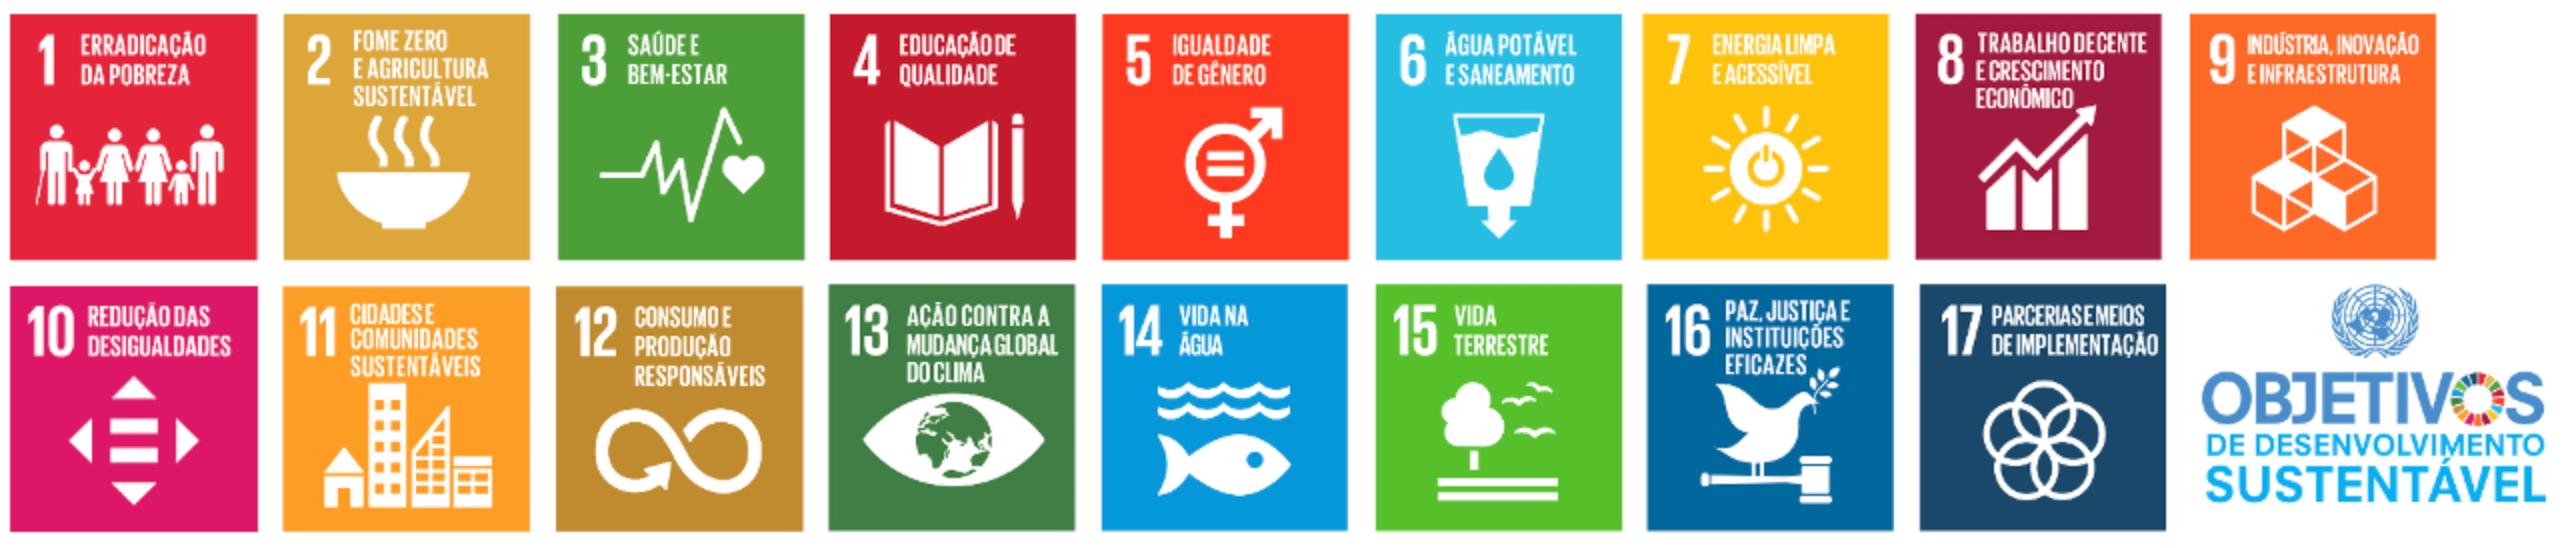 Imagem sobre 17 objetivos de Desenvolvimento Sustentável